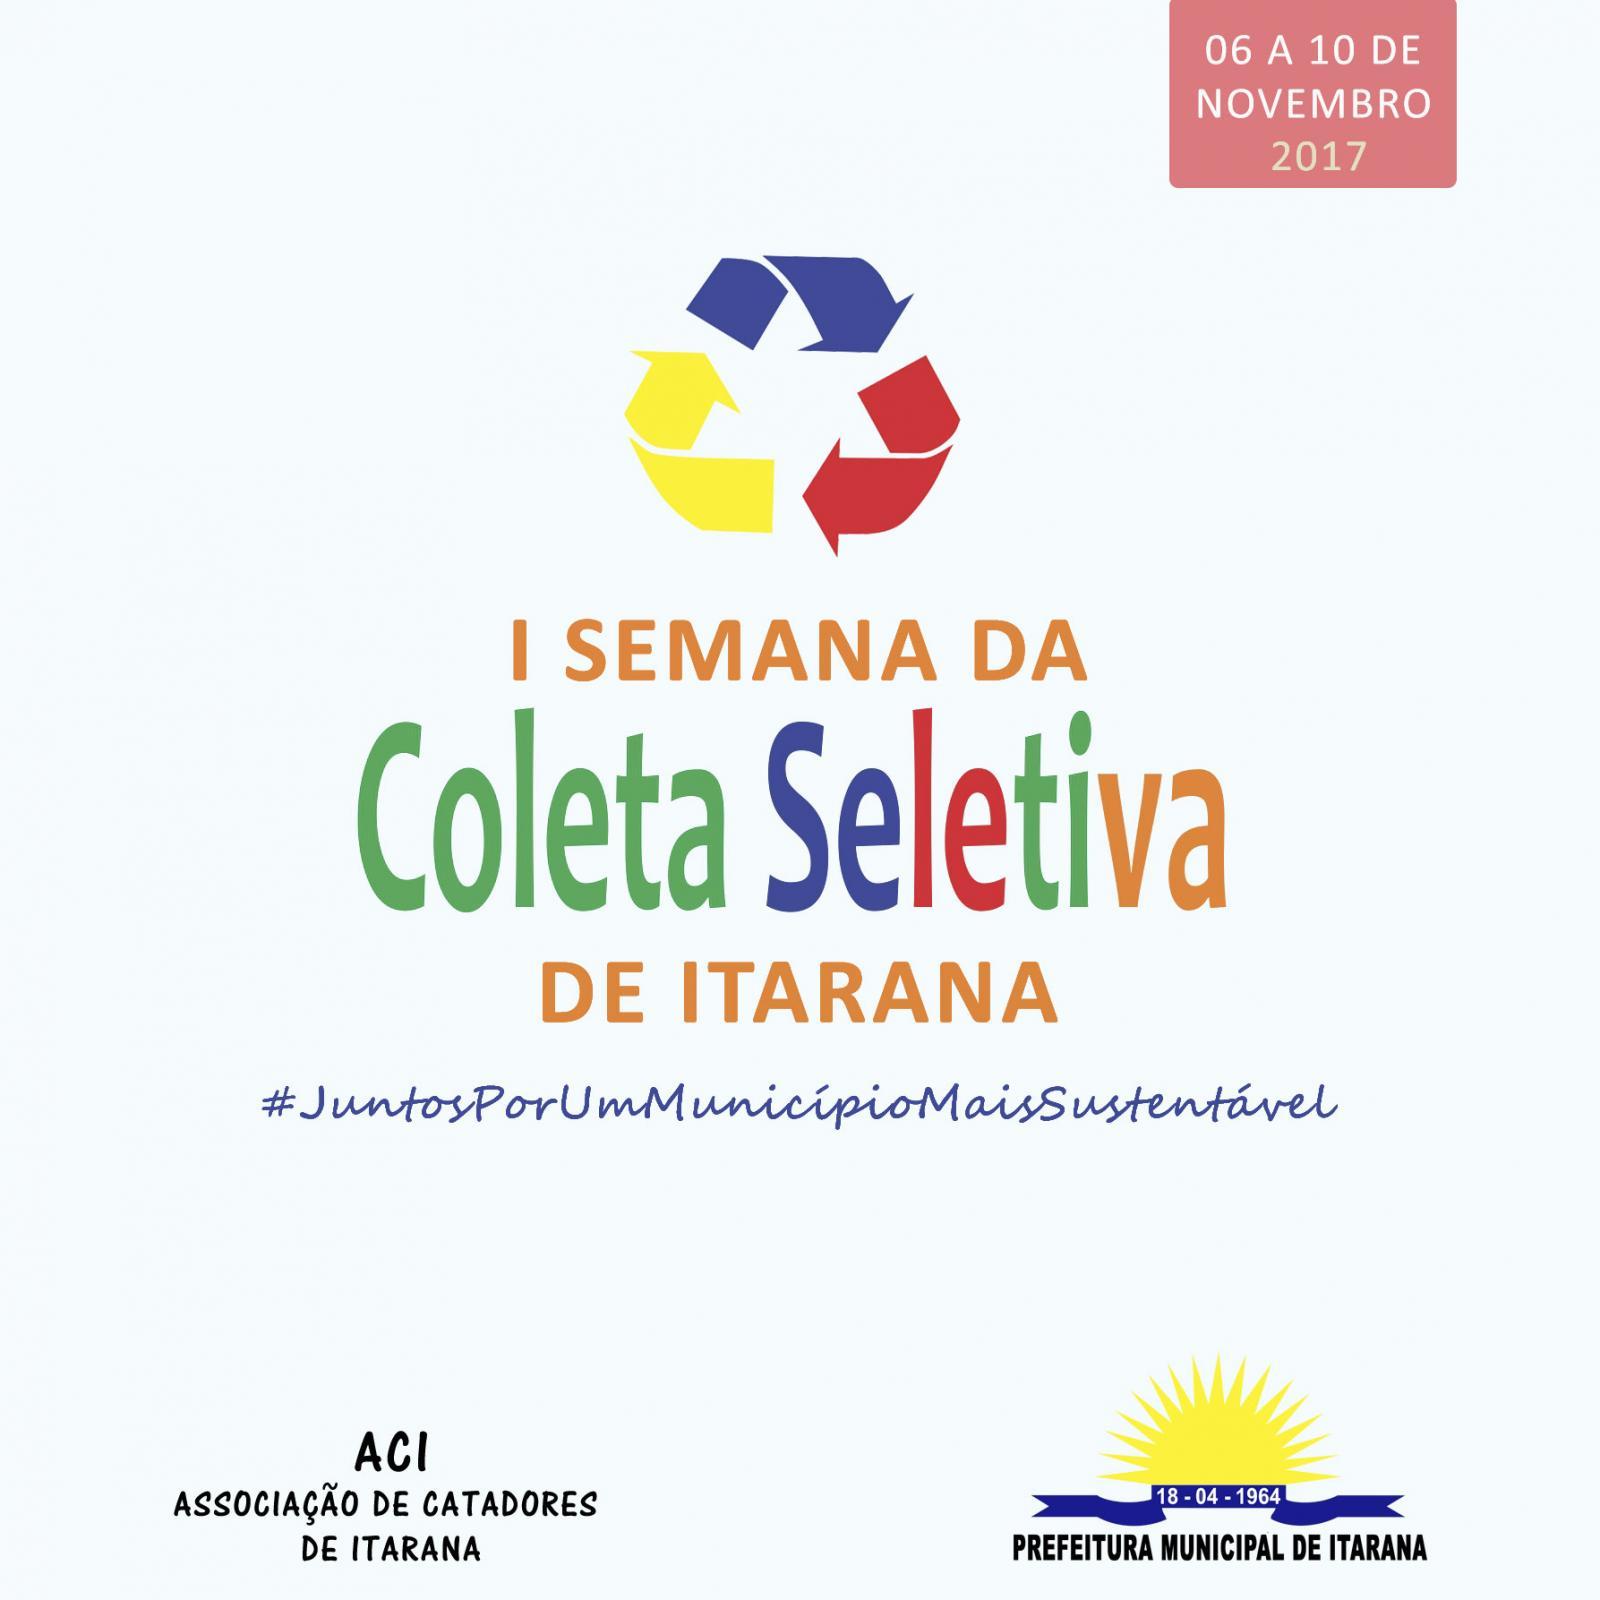 I Semana da Coleta Seletiva de Itarana vai até dia 10